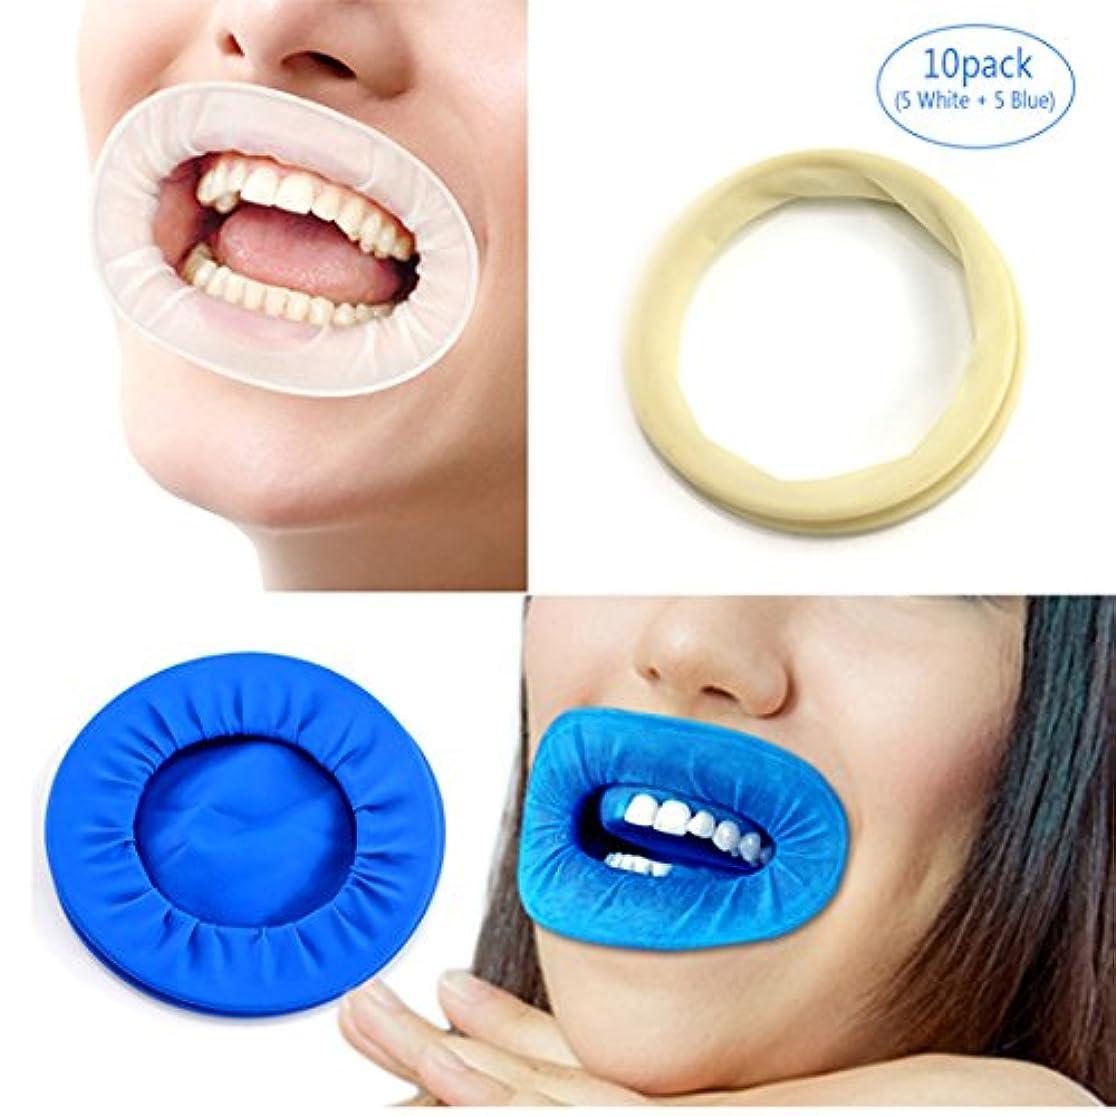 ヶ月目お手入れぜいたくEZGO 10個歯科用ディスポーザブル非ラテックスラバーティックリトラクタ、ラバーダム&マウスギャグオープナーは歯を分離し、液体、感染症および過酷な化学物質から口を保護します(10パック) (5white+5blue)